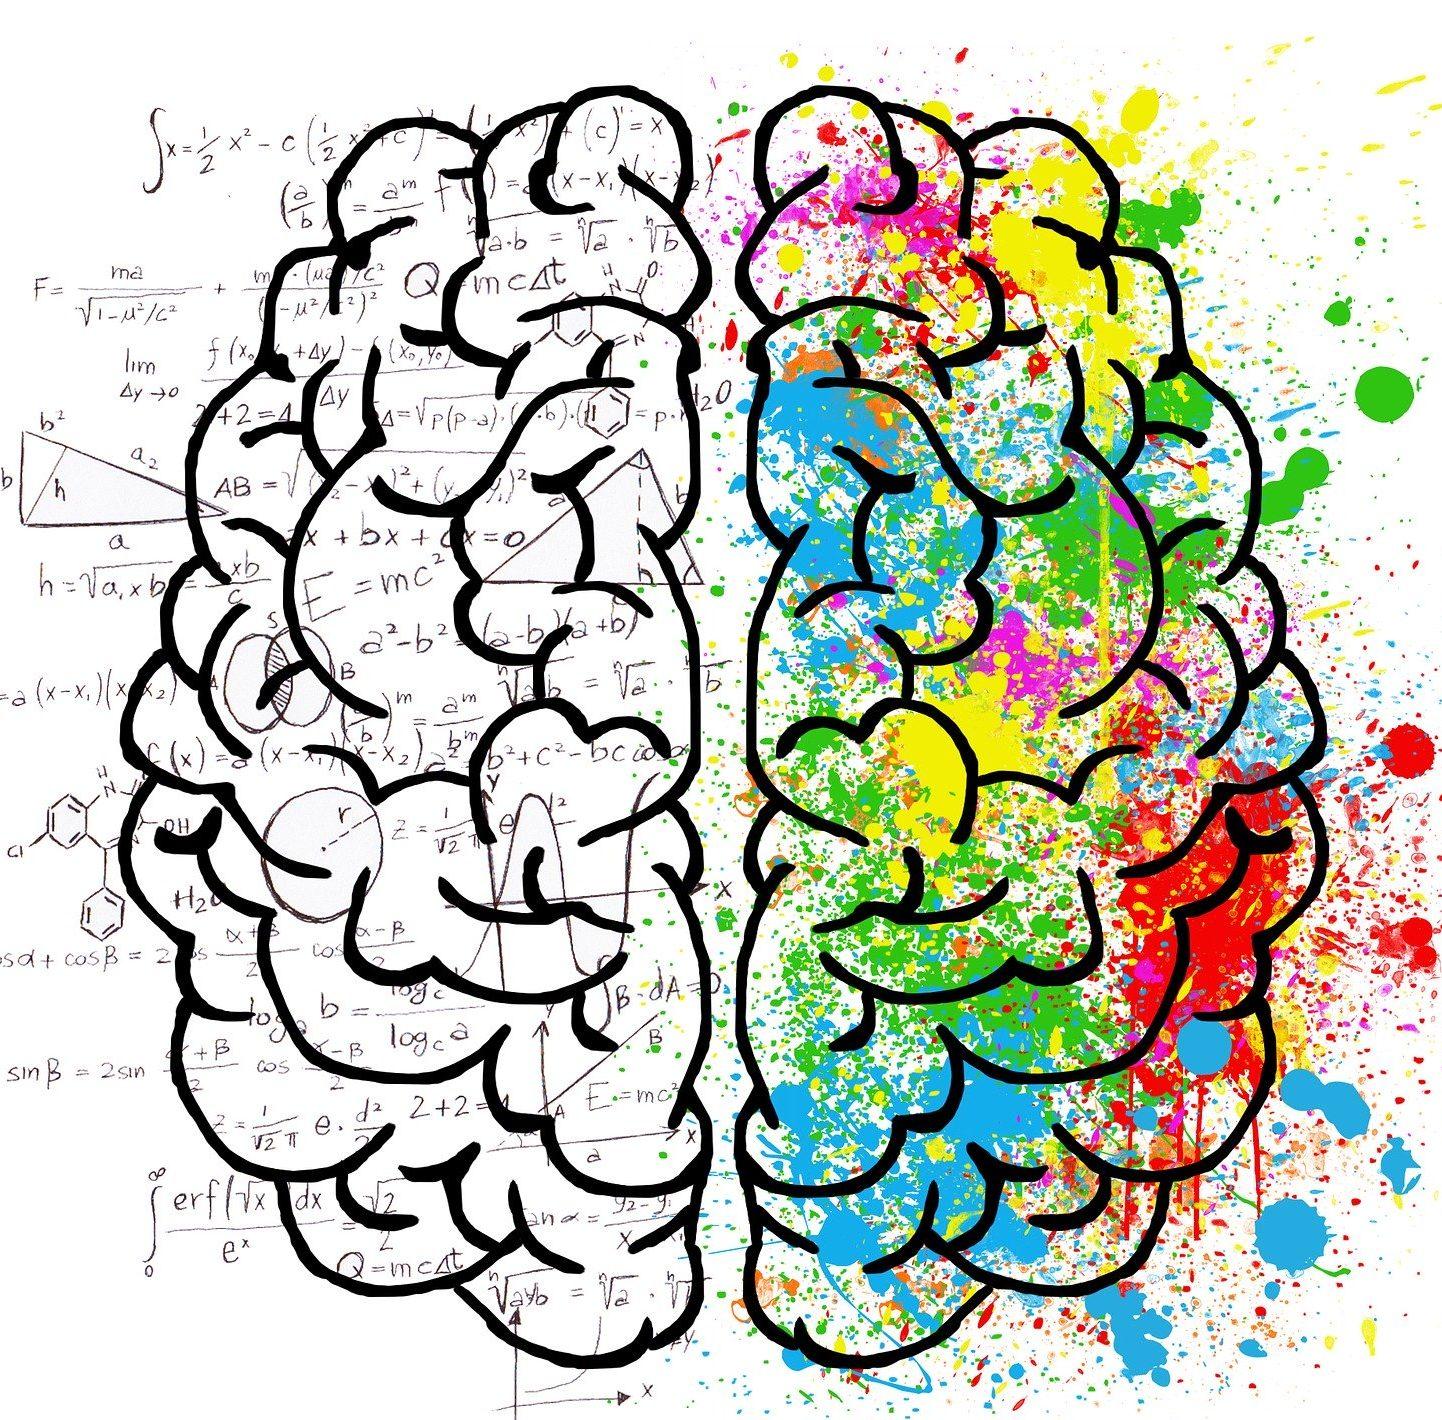 Recursos y usos de la PNL (Programación Neurolingüística) para abordar situaciones desafiantes.